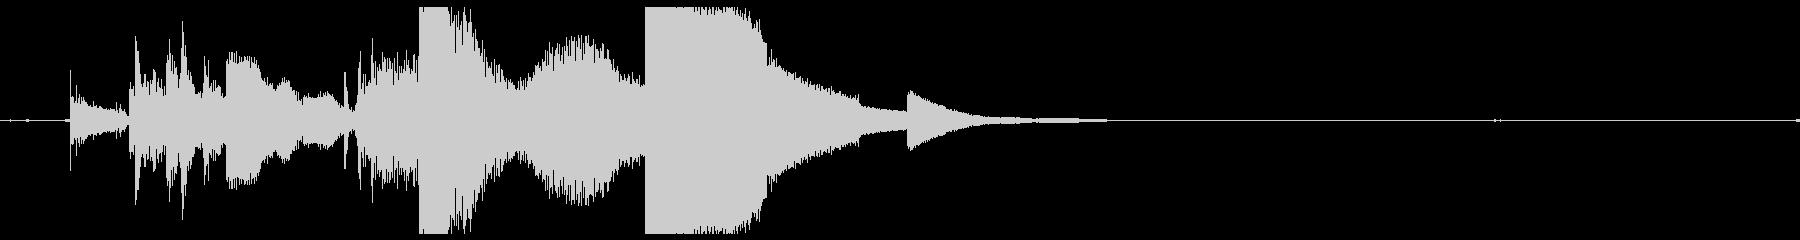 ドアキードロップの未再生の波形